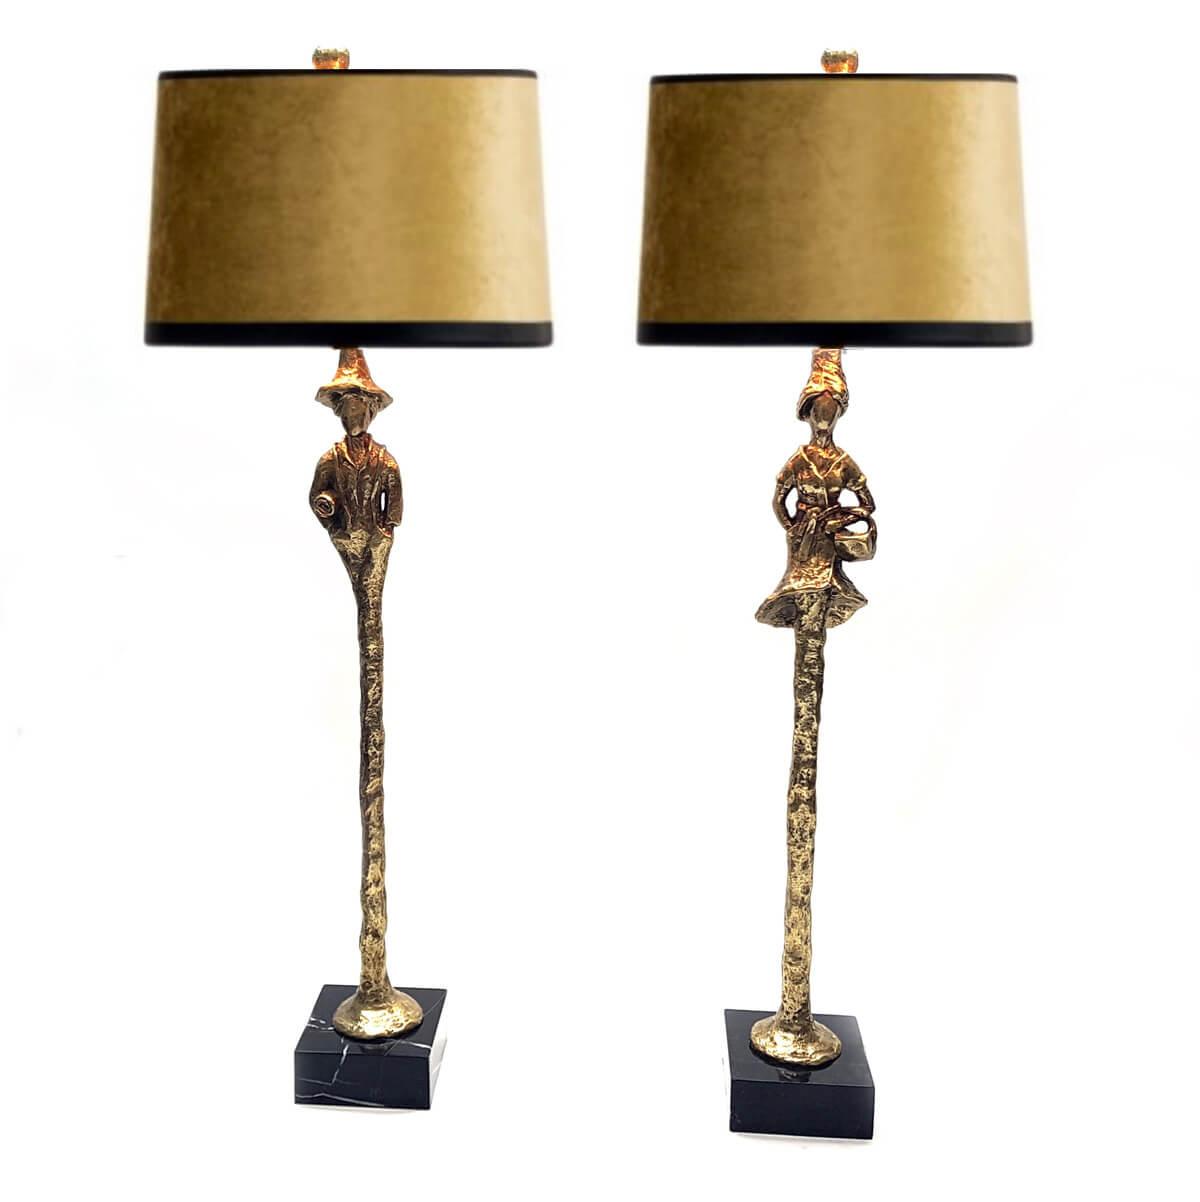 Bronzeleuchten auf Marmorsocke – Mann und Frau